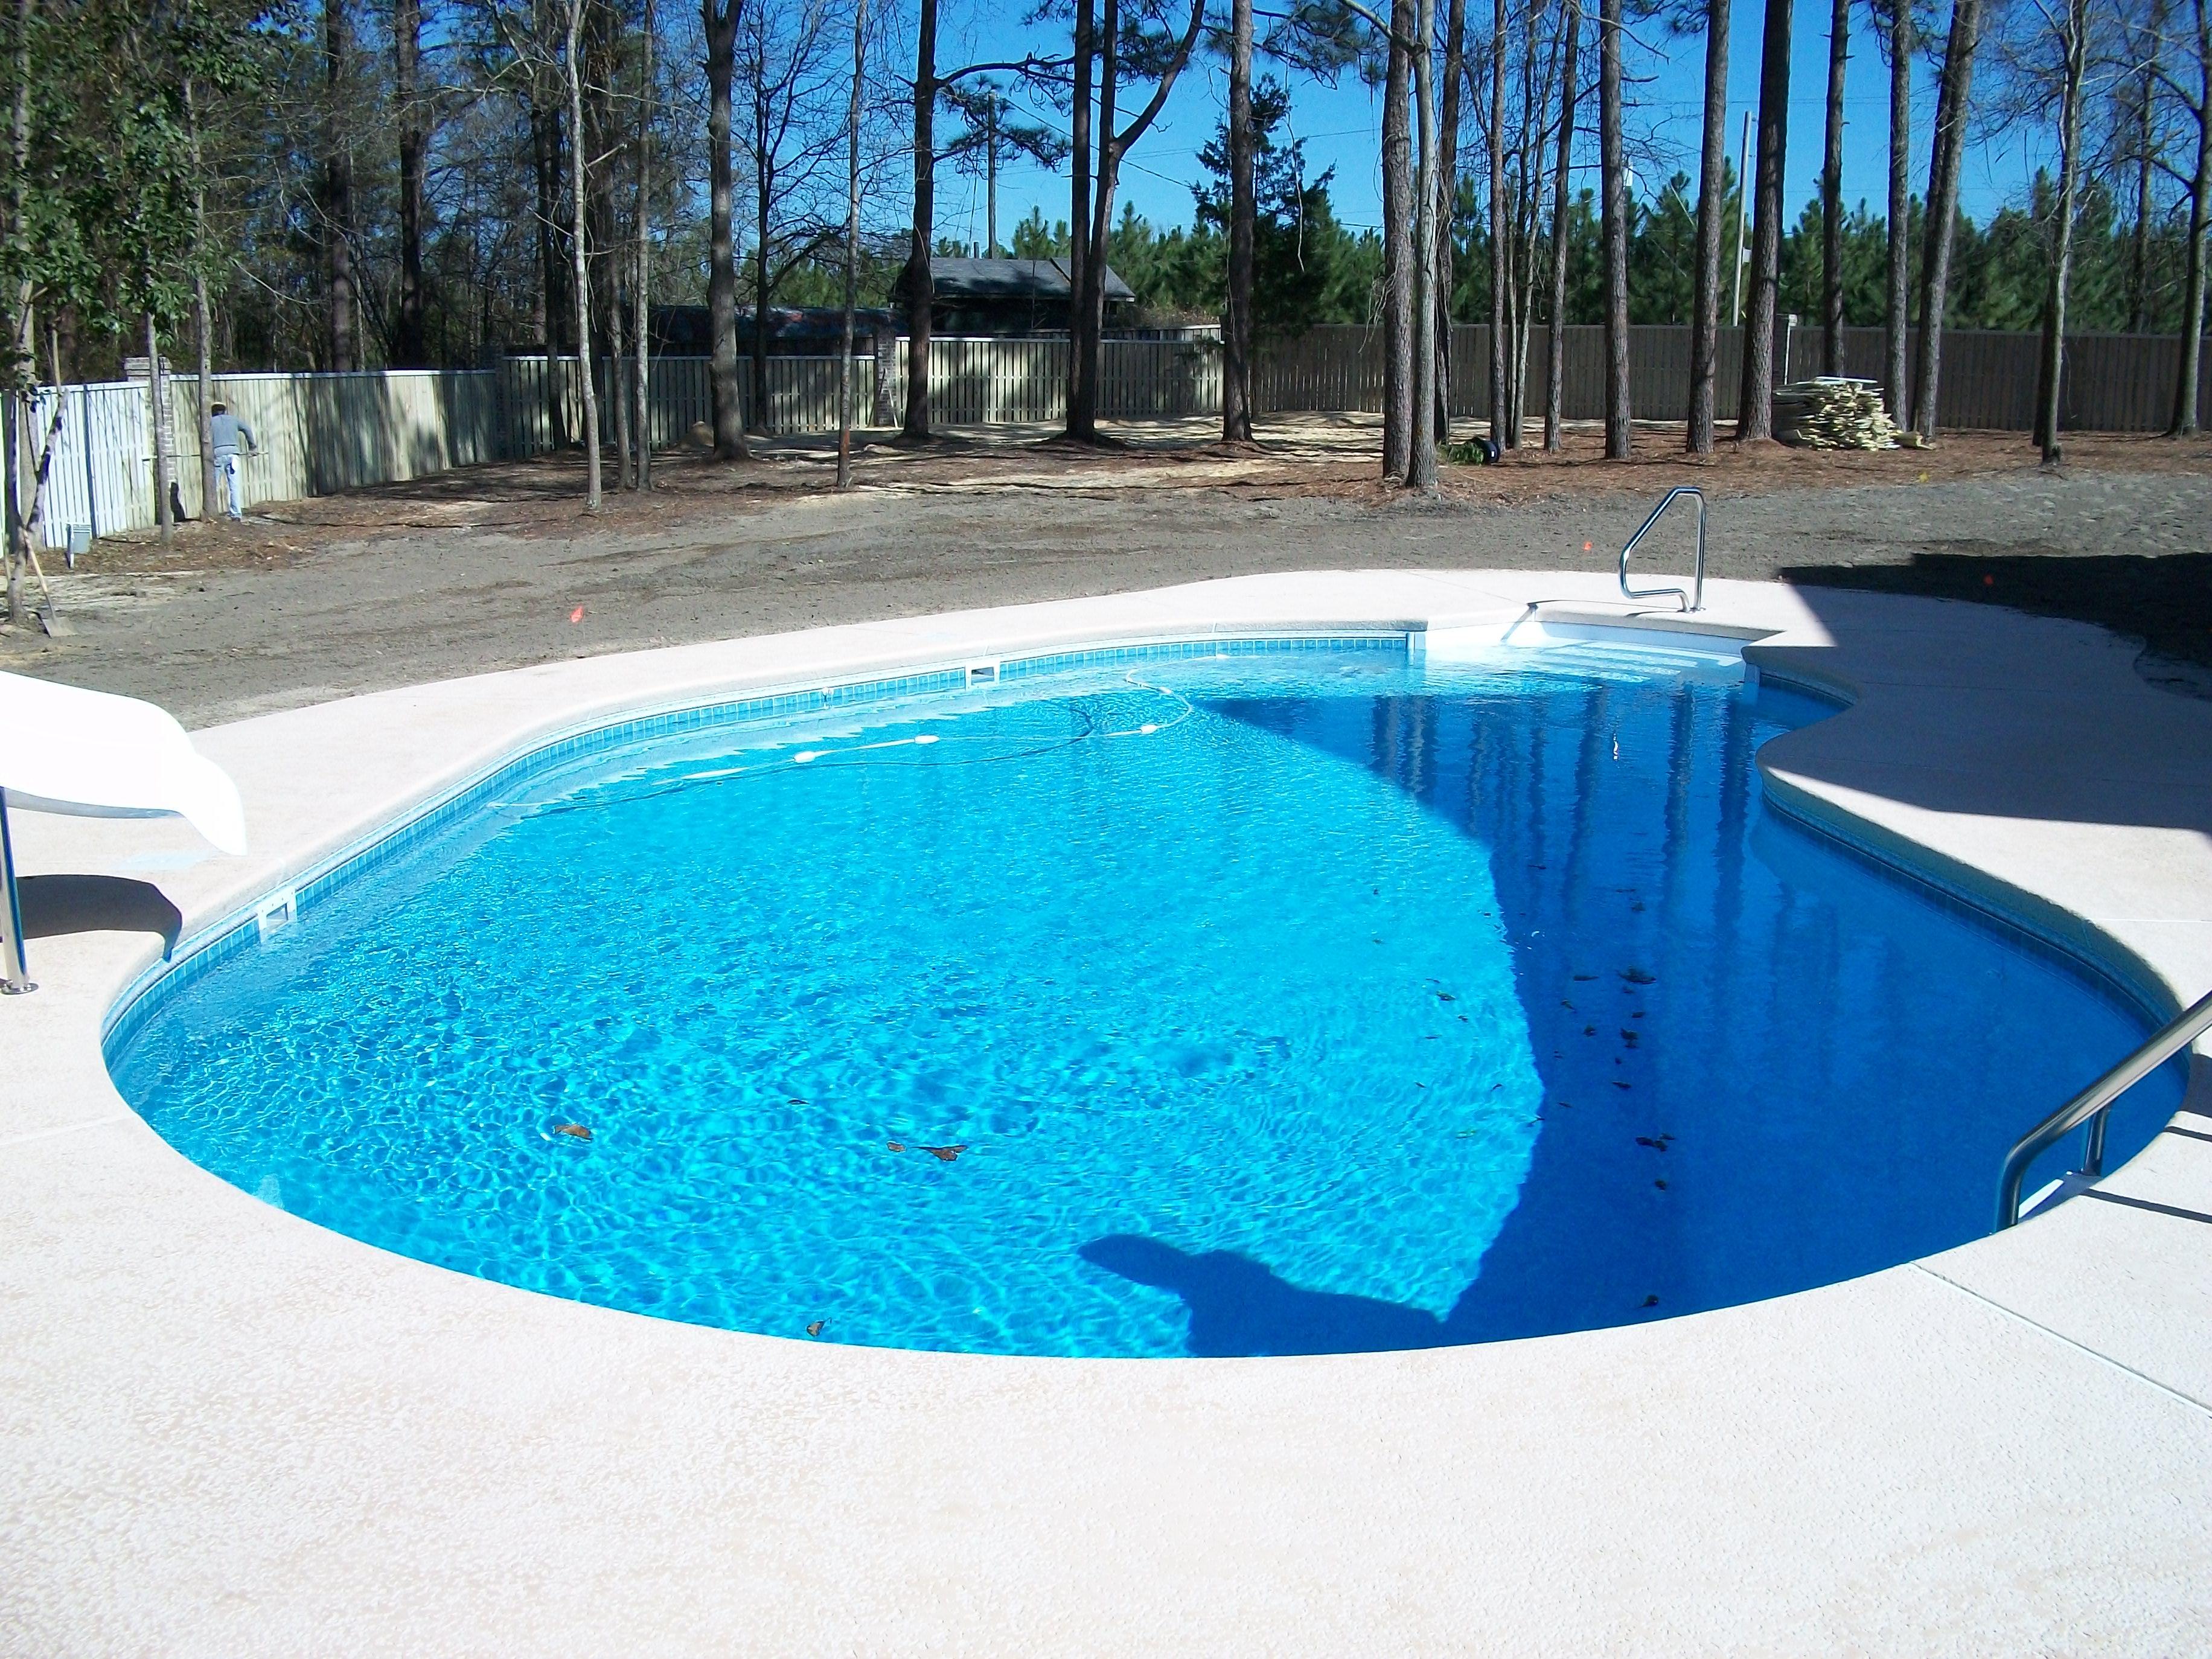 Vinyl Pool | Kidney | 8 foot step | Thompson Pools